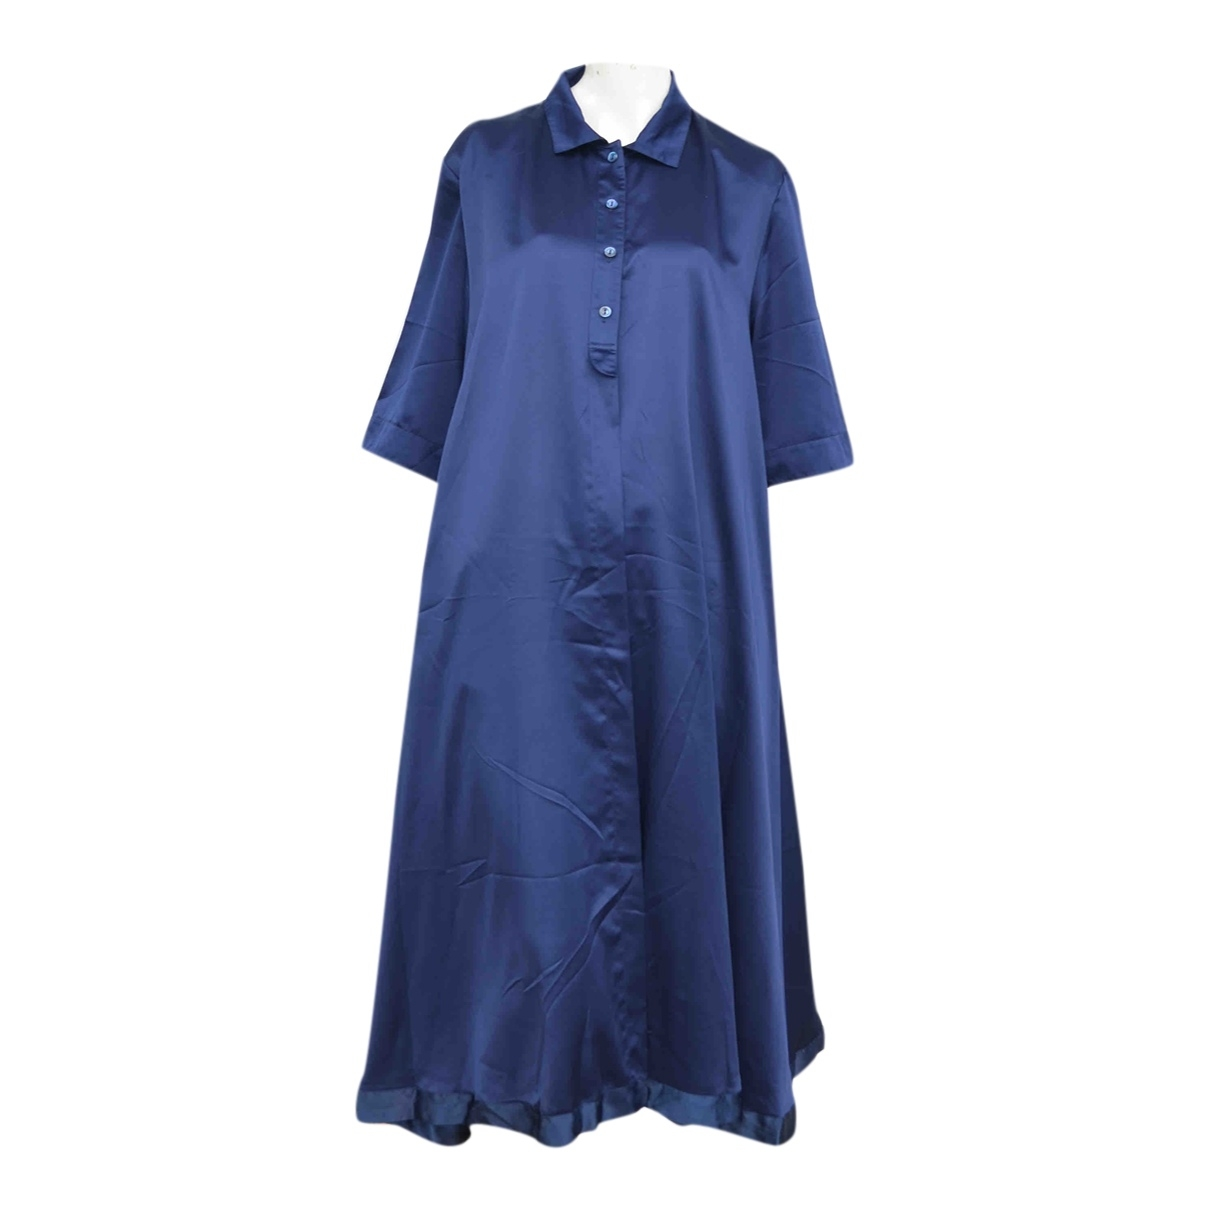 La Perla - Top   pour femme - bleu